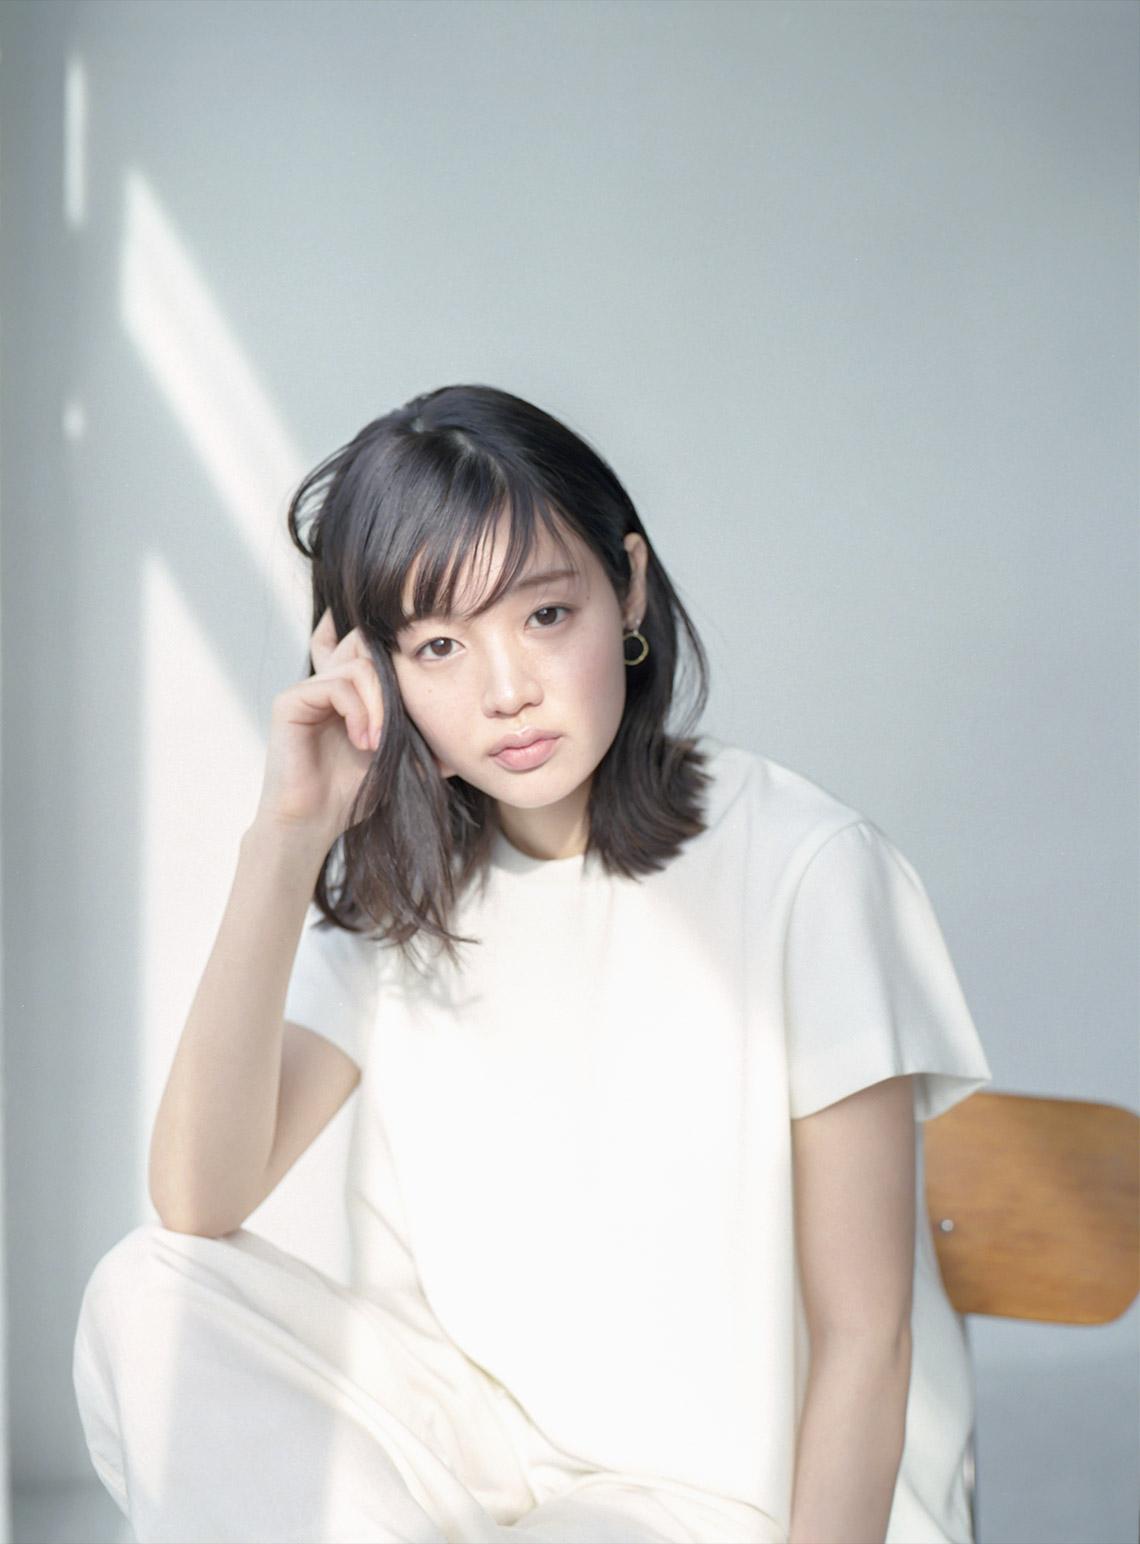 藤原さくら (シンガーソングライター)の画像 p1_15